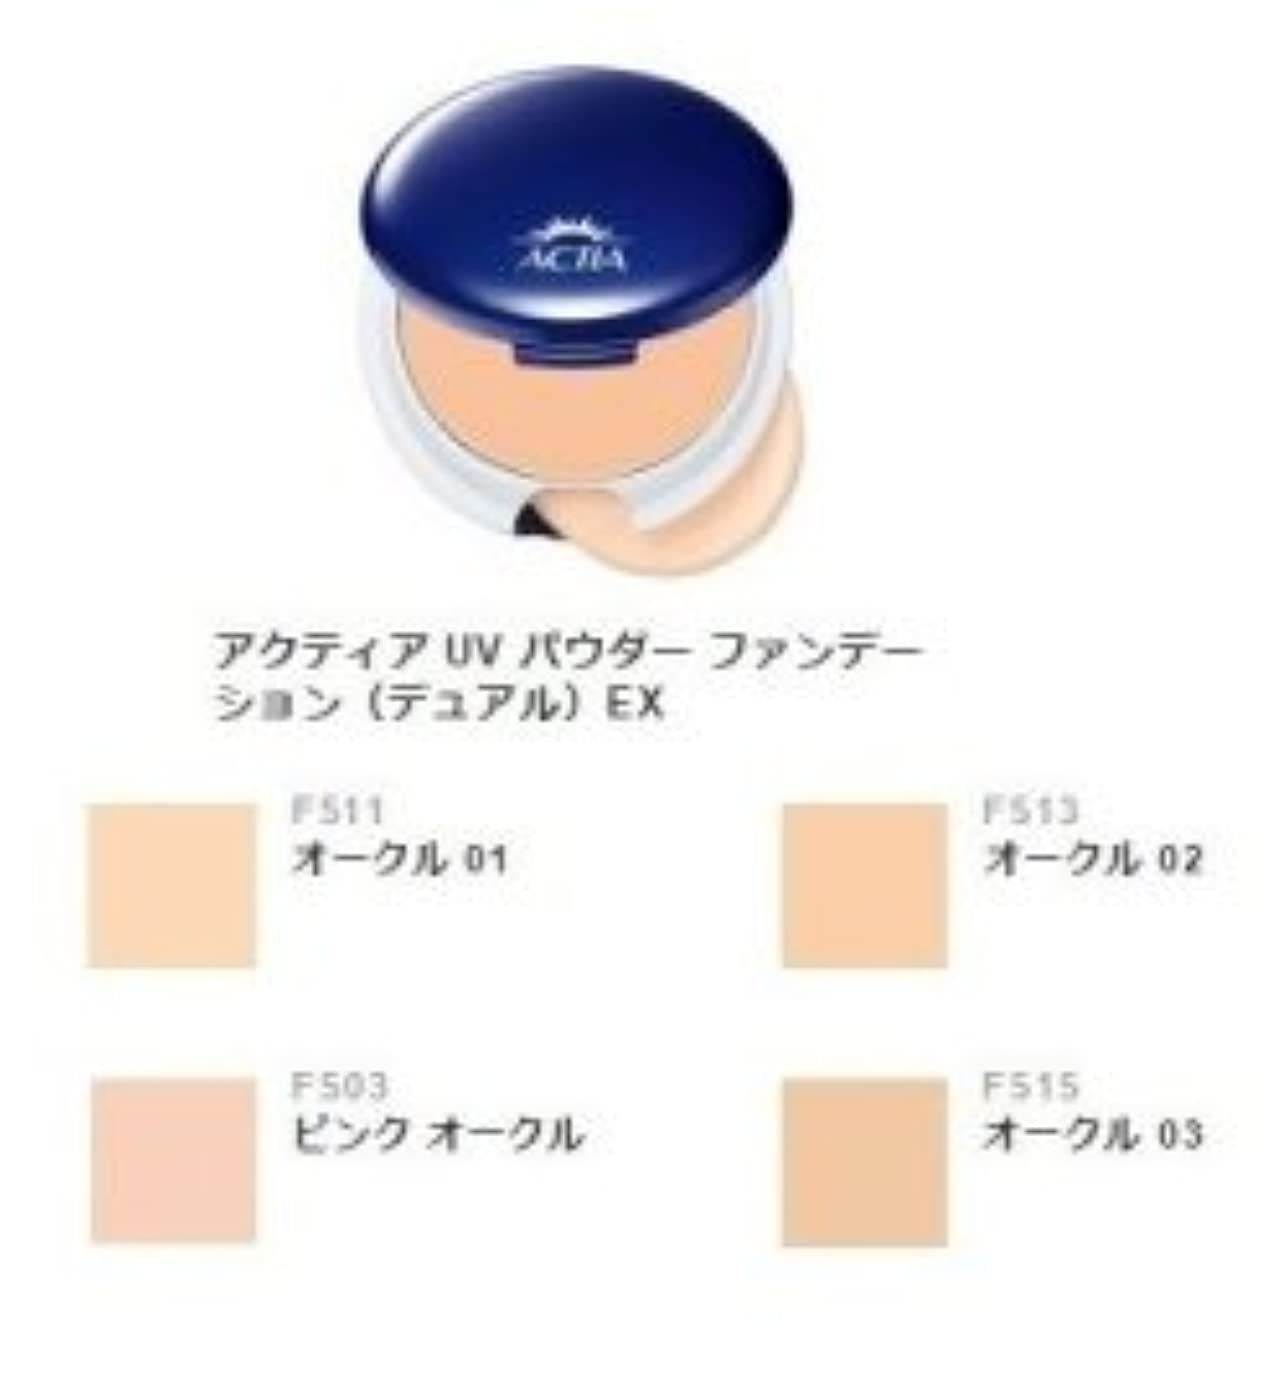 ジョグ毎日エミュレーションエイボン(AVON) アクティア UV パウダーファンデーション(デュアル)EX(リフィル) F511 オークル01